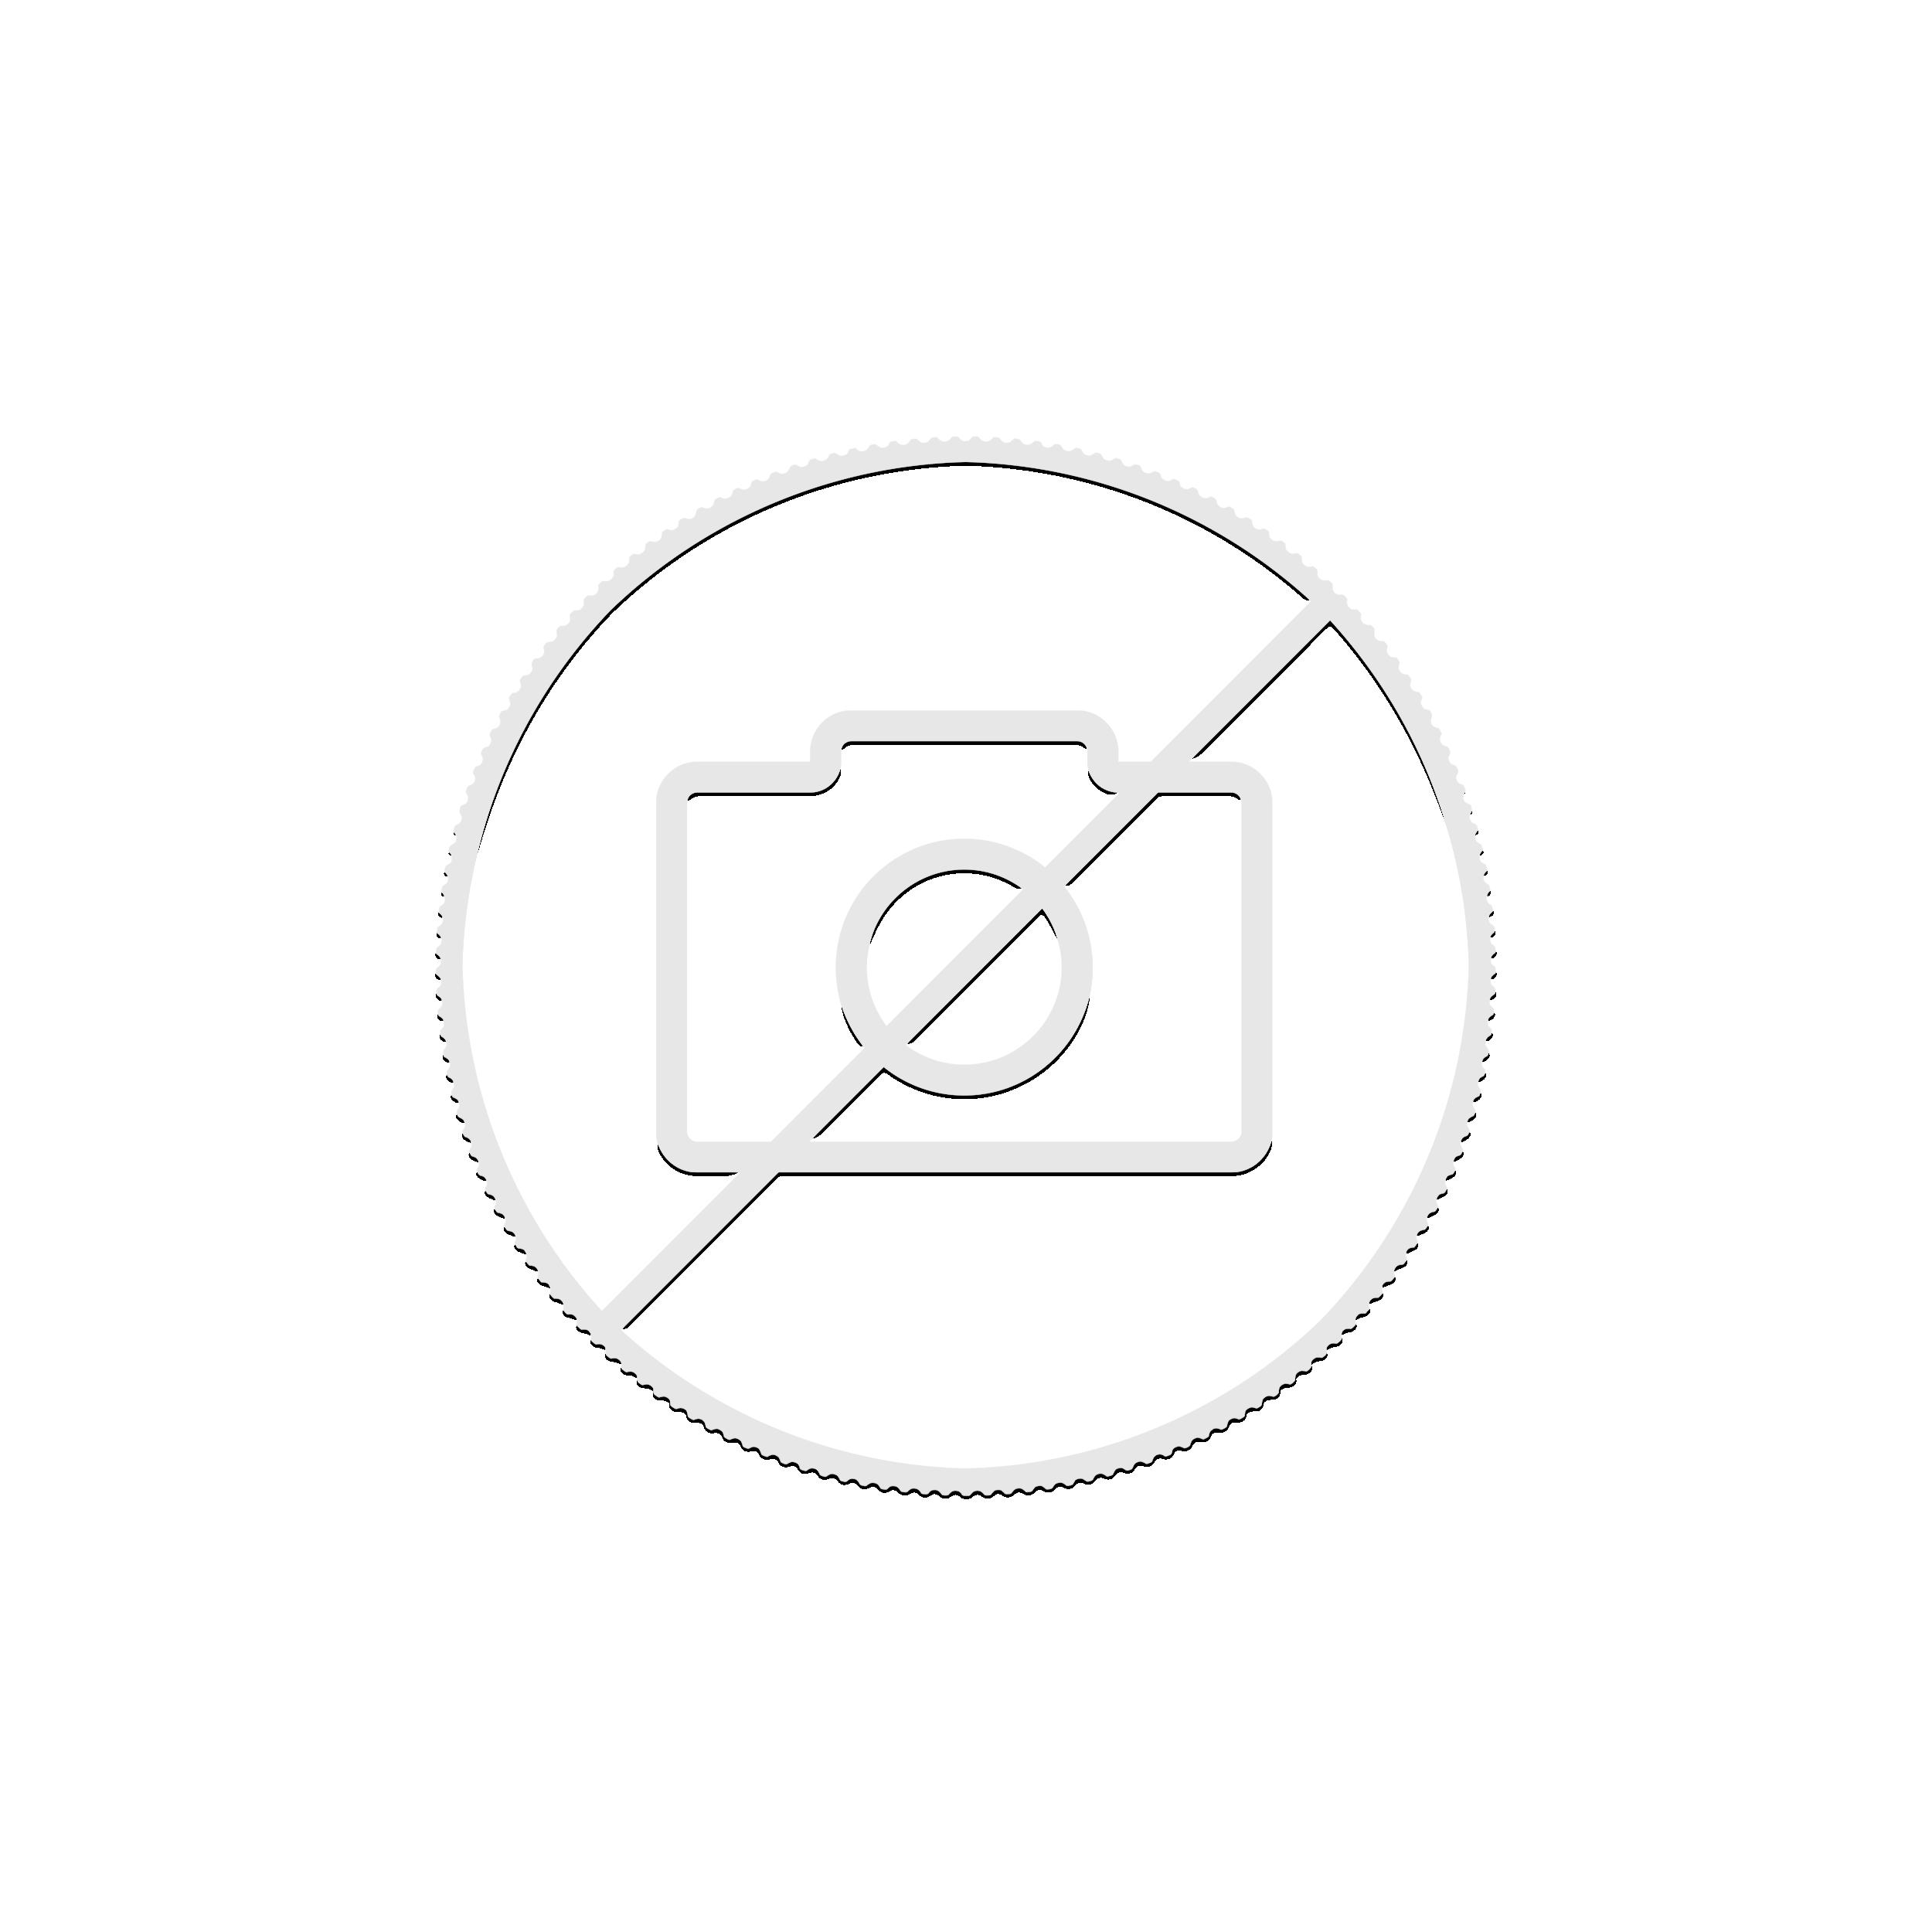 1 troy ounce zilveren munt supergirl 2021 Proof - doos